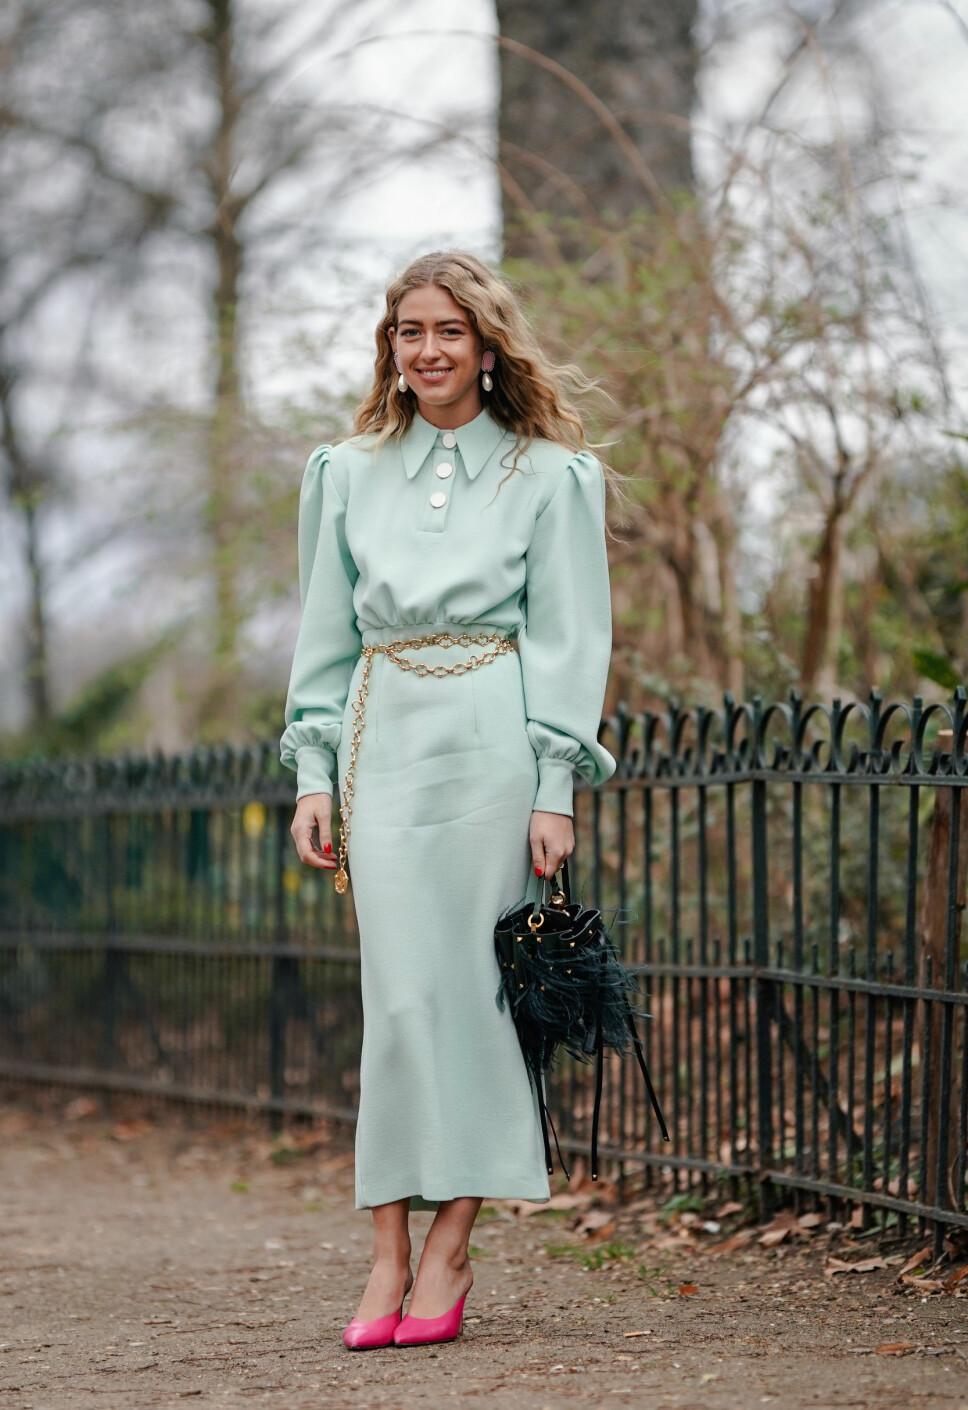 FRESH: Den danske stylisten Emili Sindlev styler ofte kjoler med vintagepreg og har en uredd tilnærming til fargekombinasjoner. Som også kan funke som en inspirasjon til festsesongen.